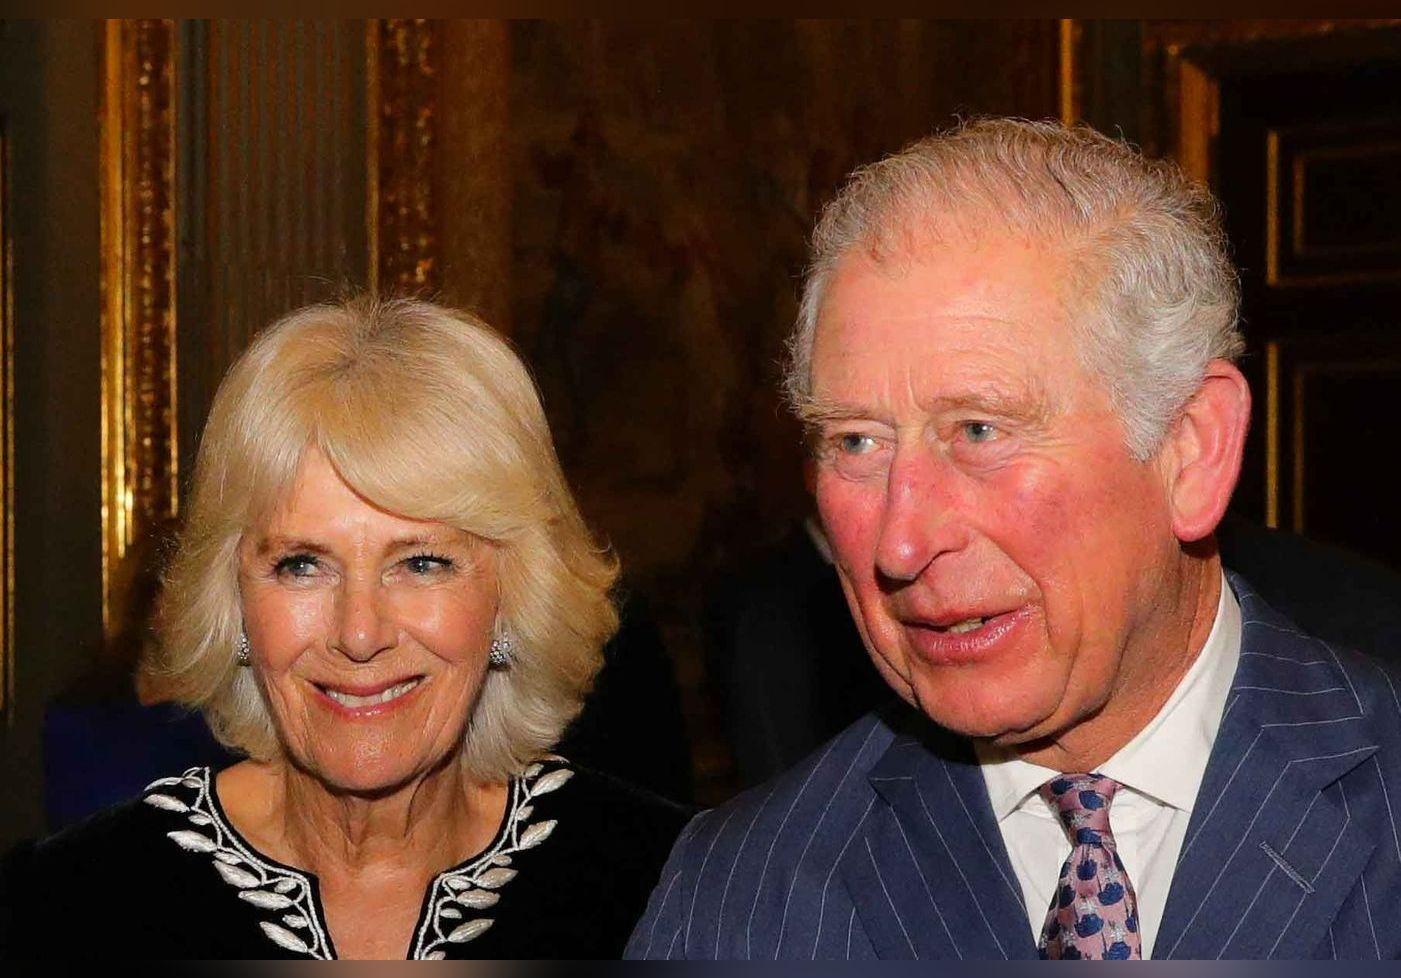 Prince Charles et Camilla Parker Bowles : un homme de 55 ans prétend être leur fils caché !